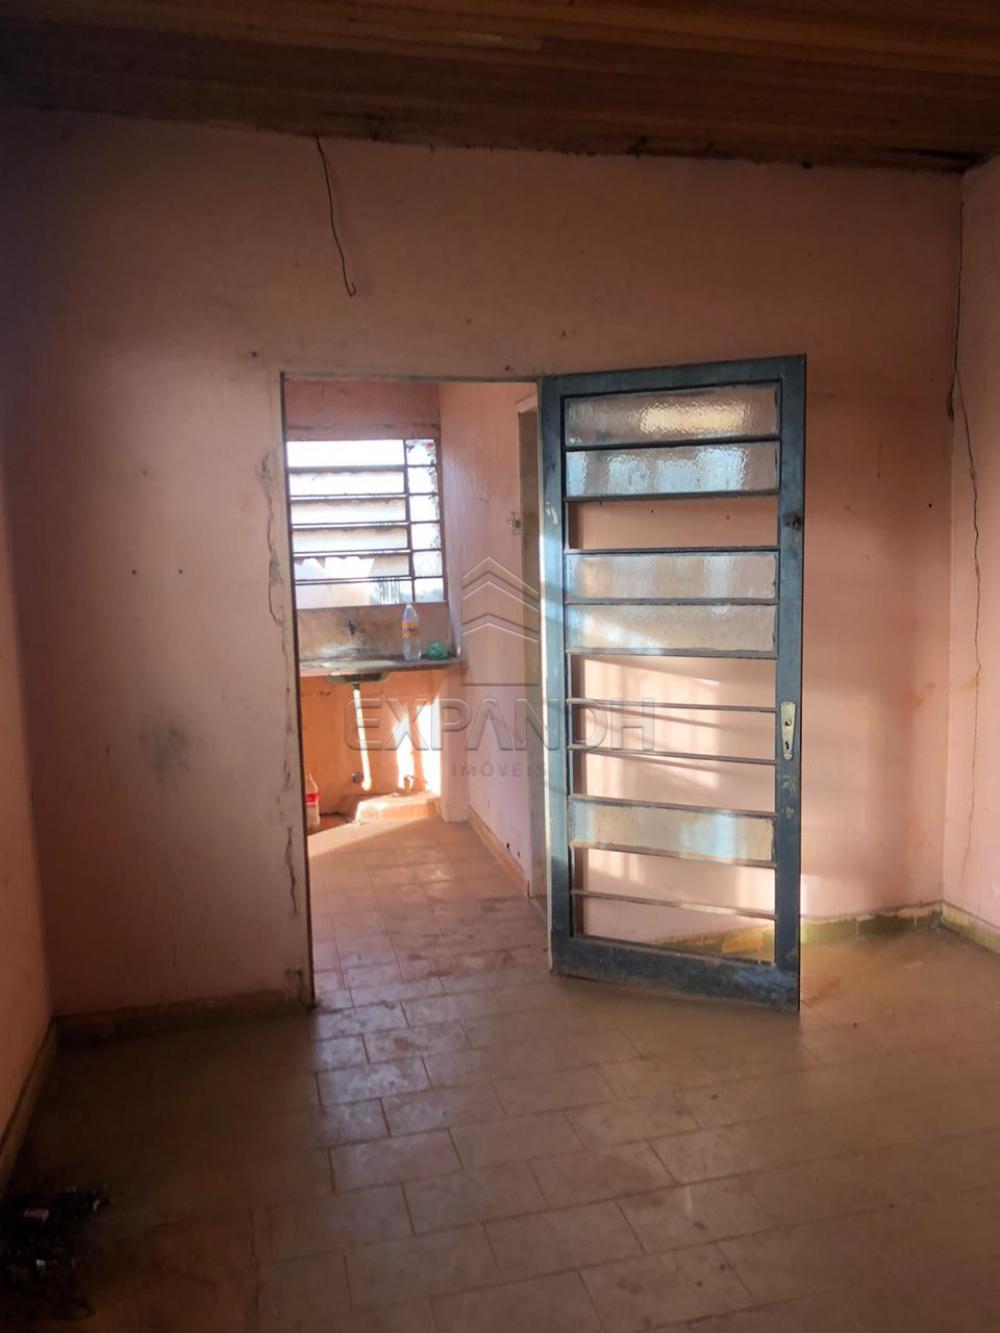 Alugar Rurais / Chácara em Sertãozinho apenas R$ 1.300,00 - Foto 12